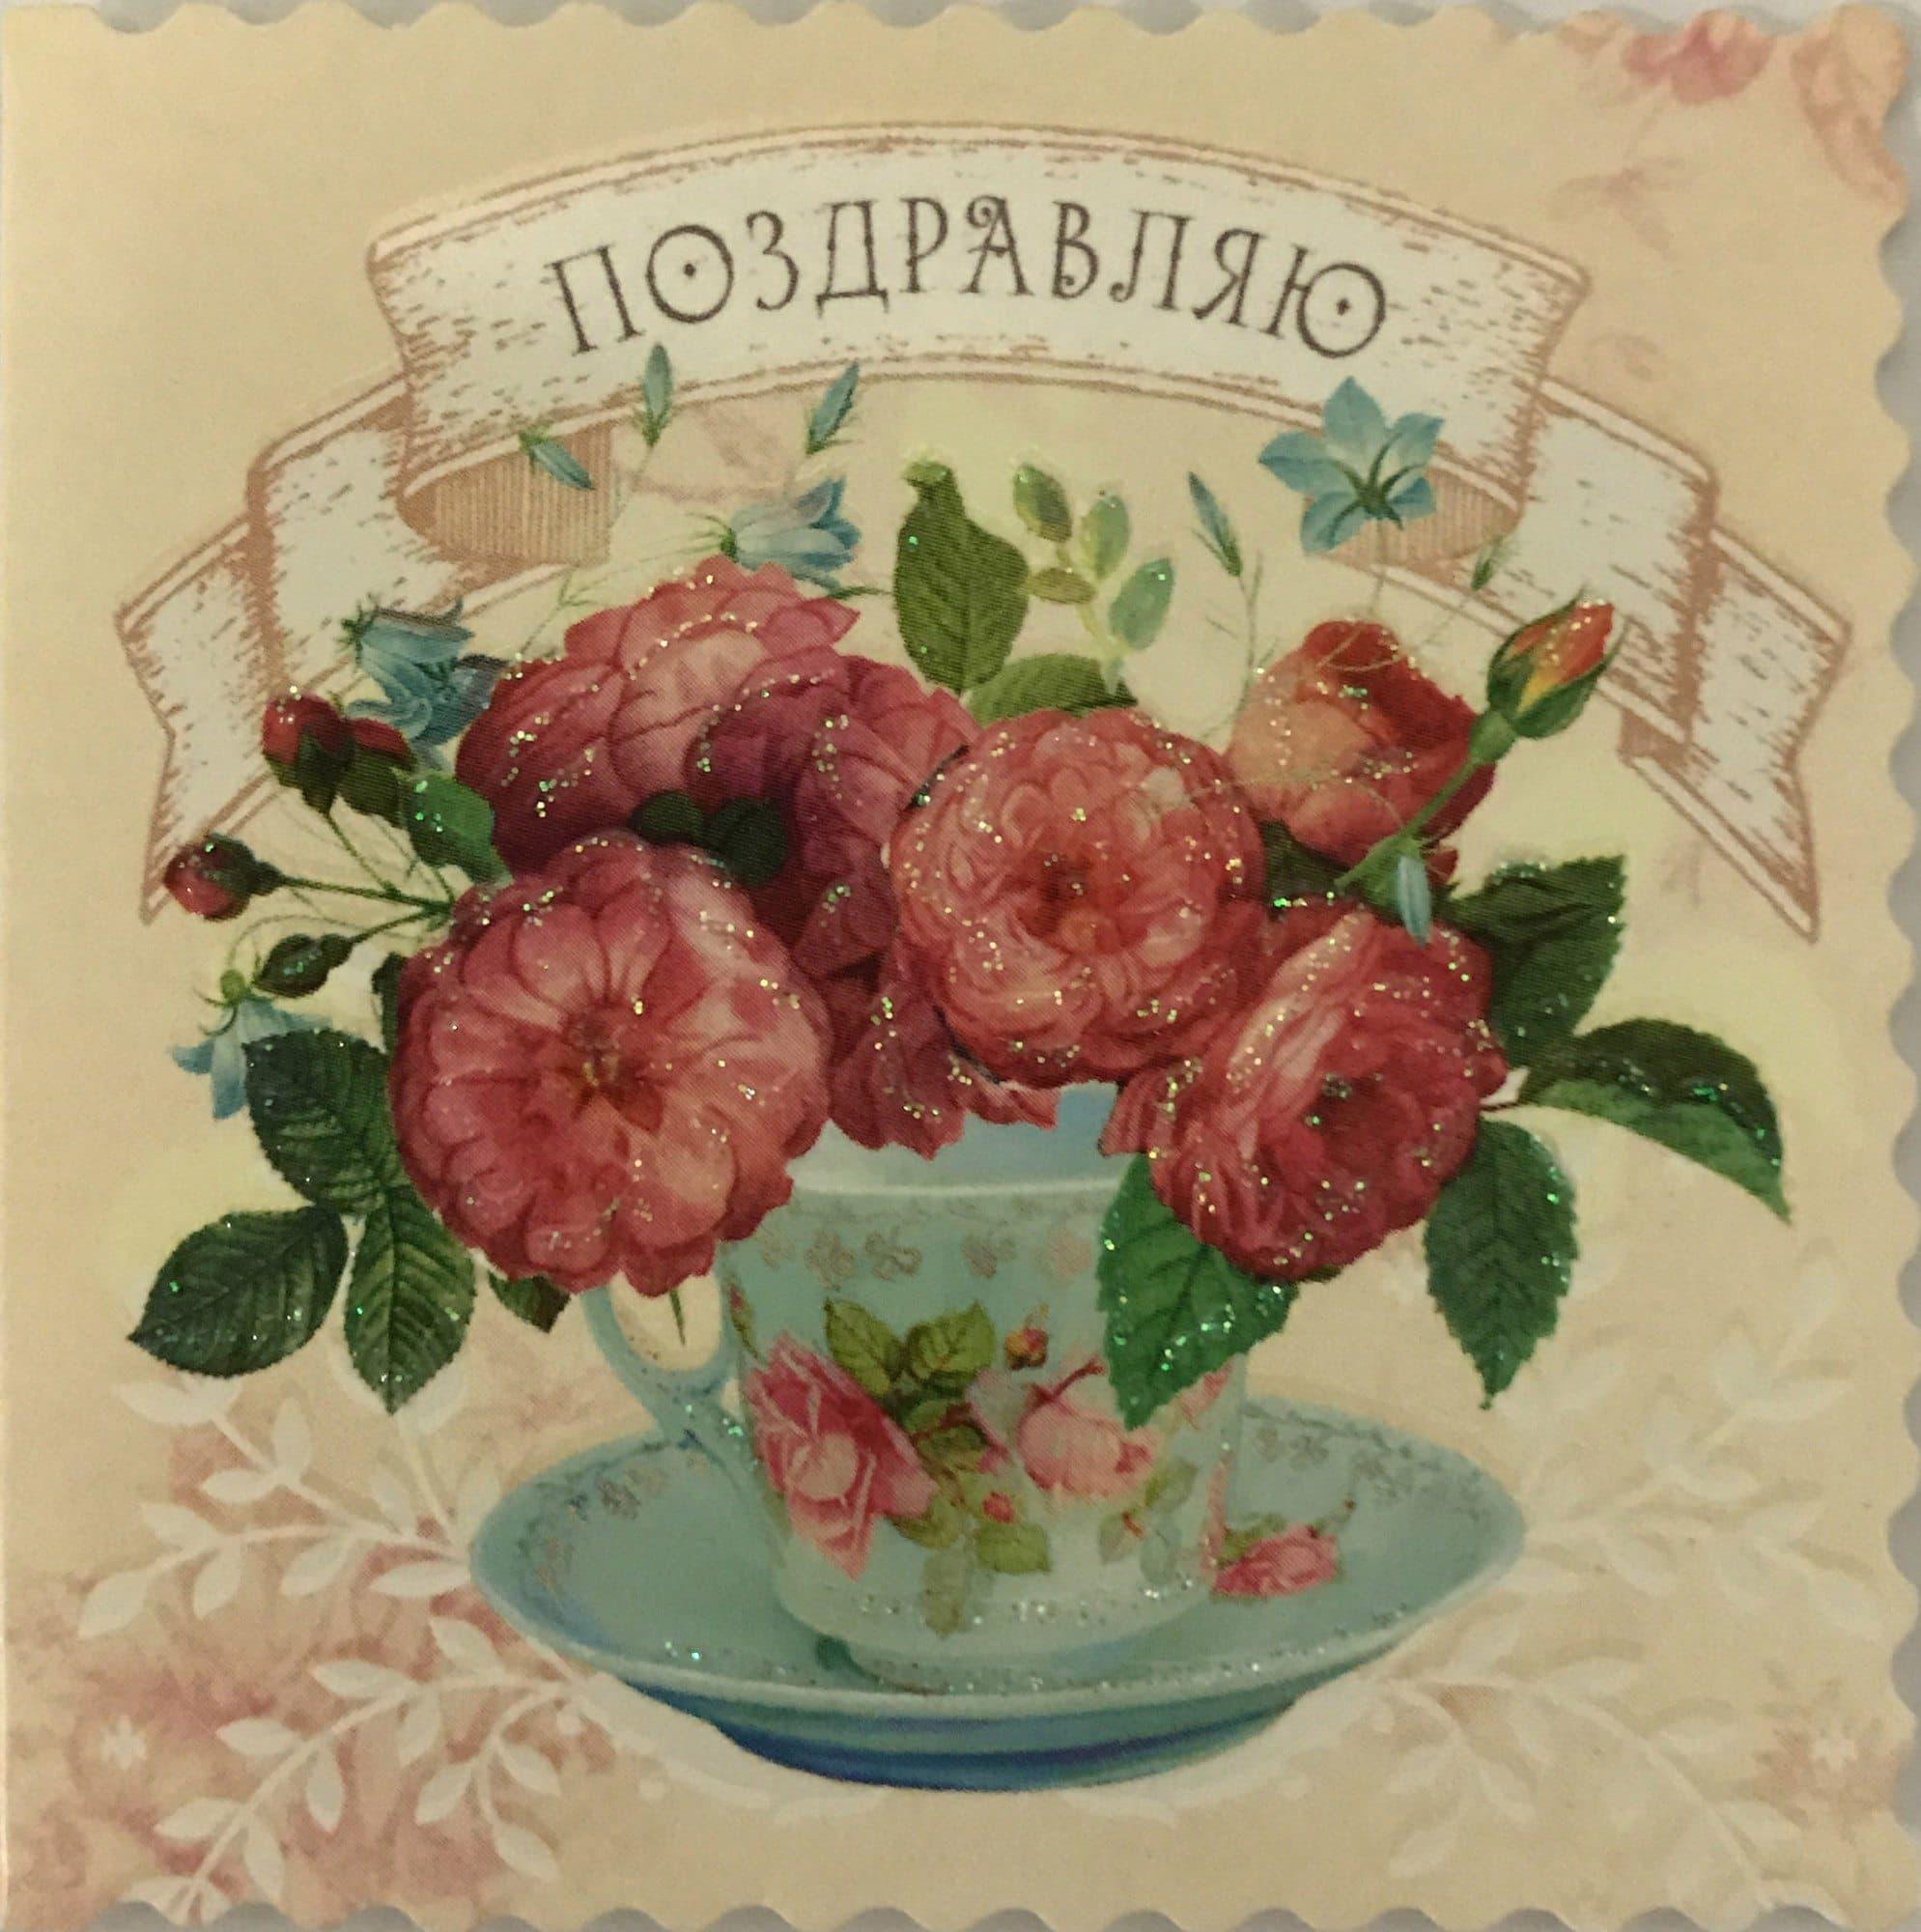 Открытка маленькая Поздравляю №3Маленькие открытки 50 руб.<br><br>